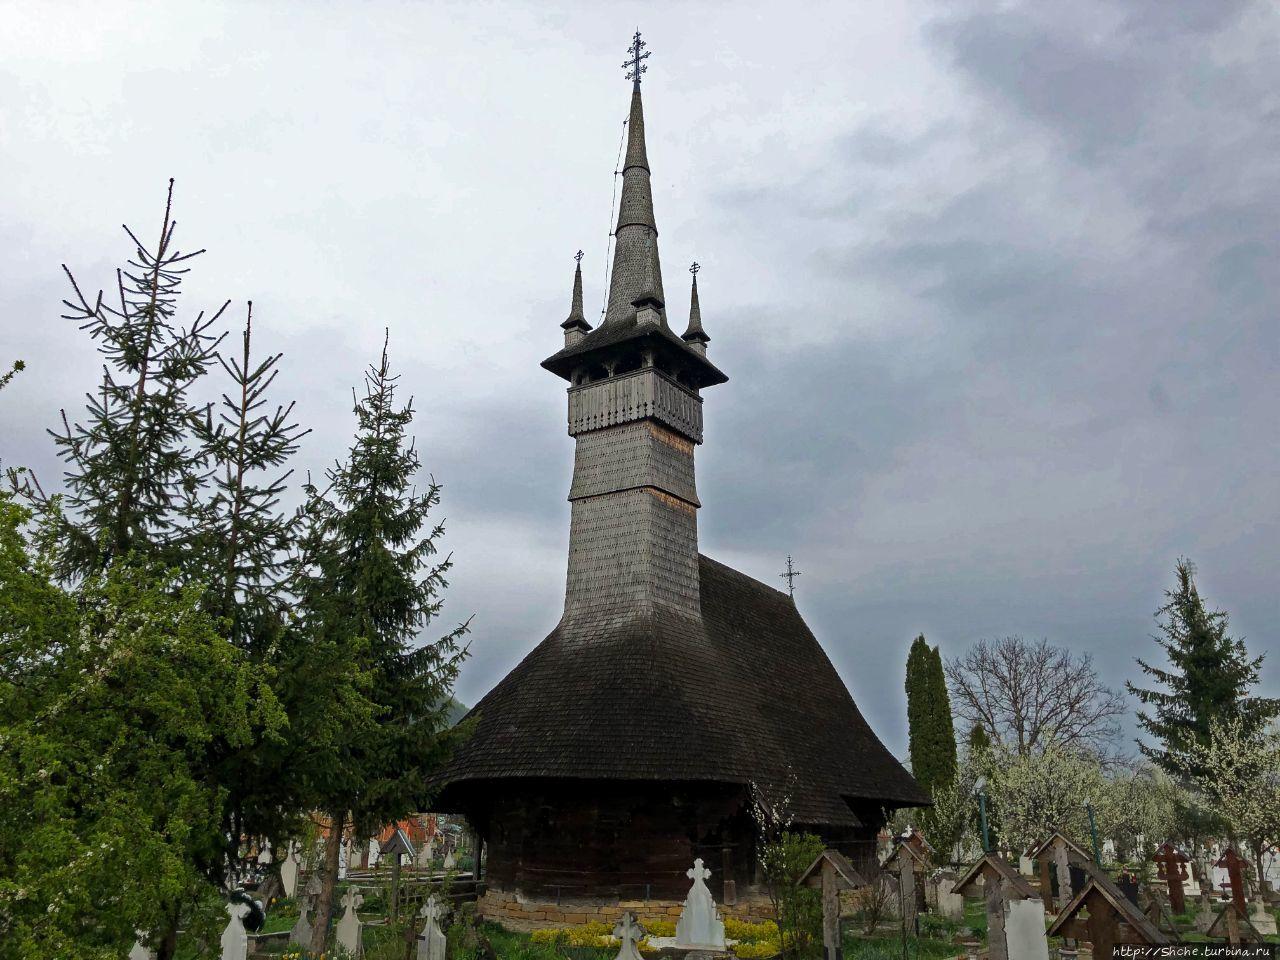 Церковь Святых Архангелов Рогоз, Румыния